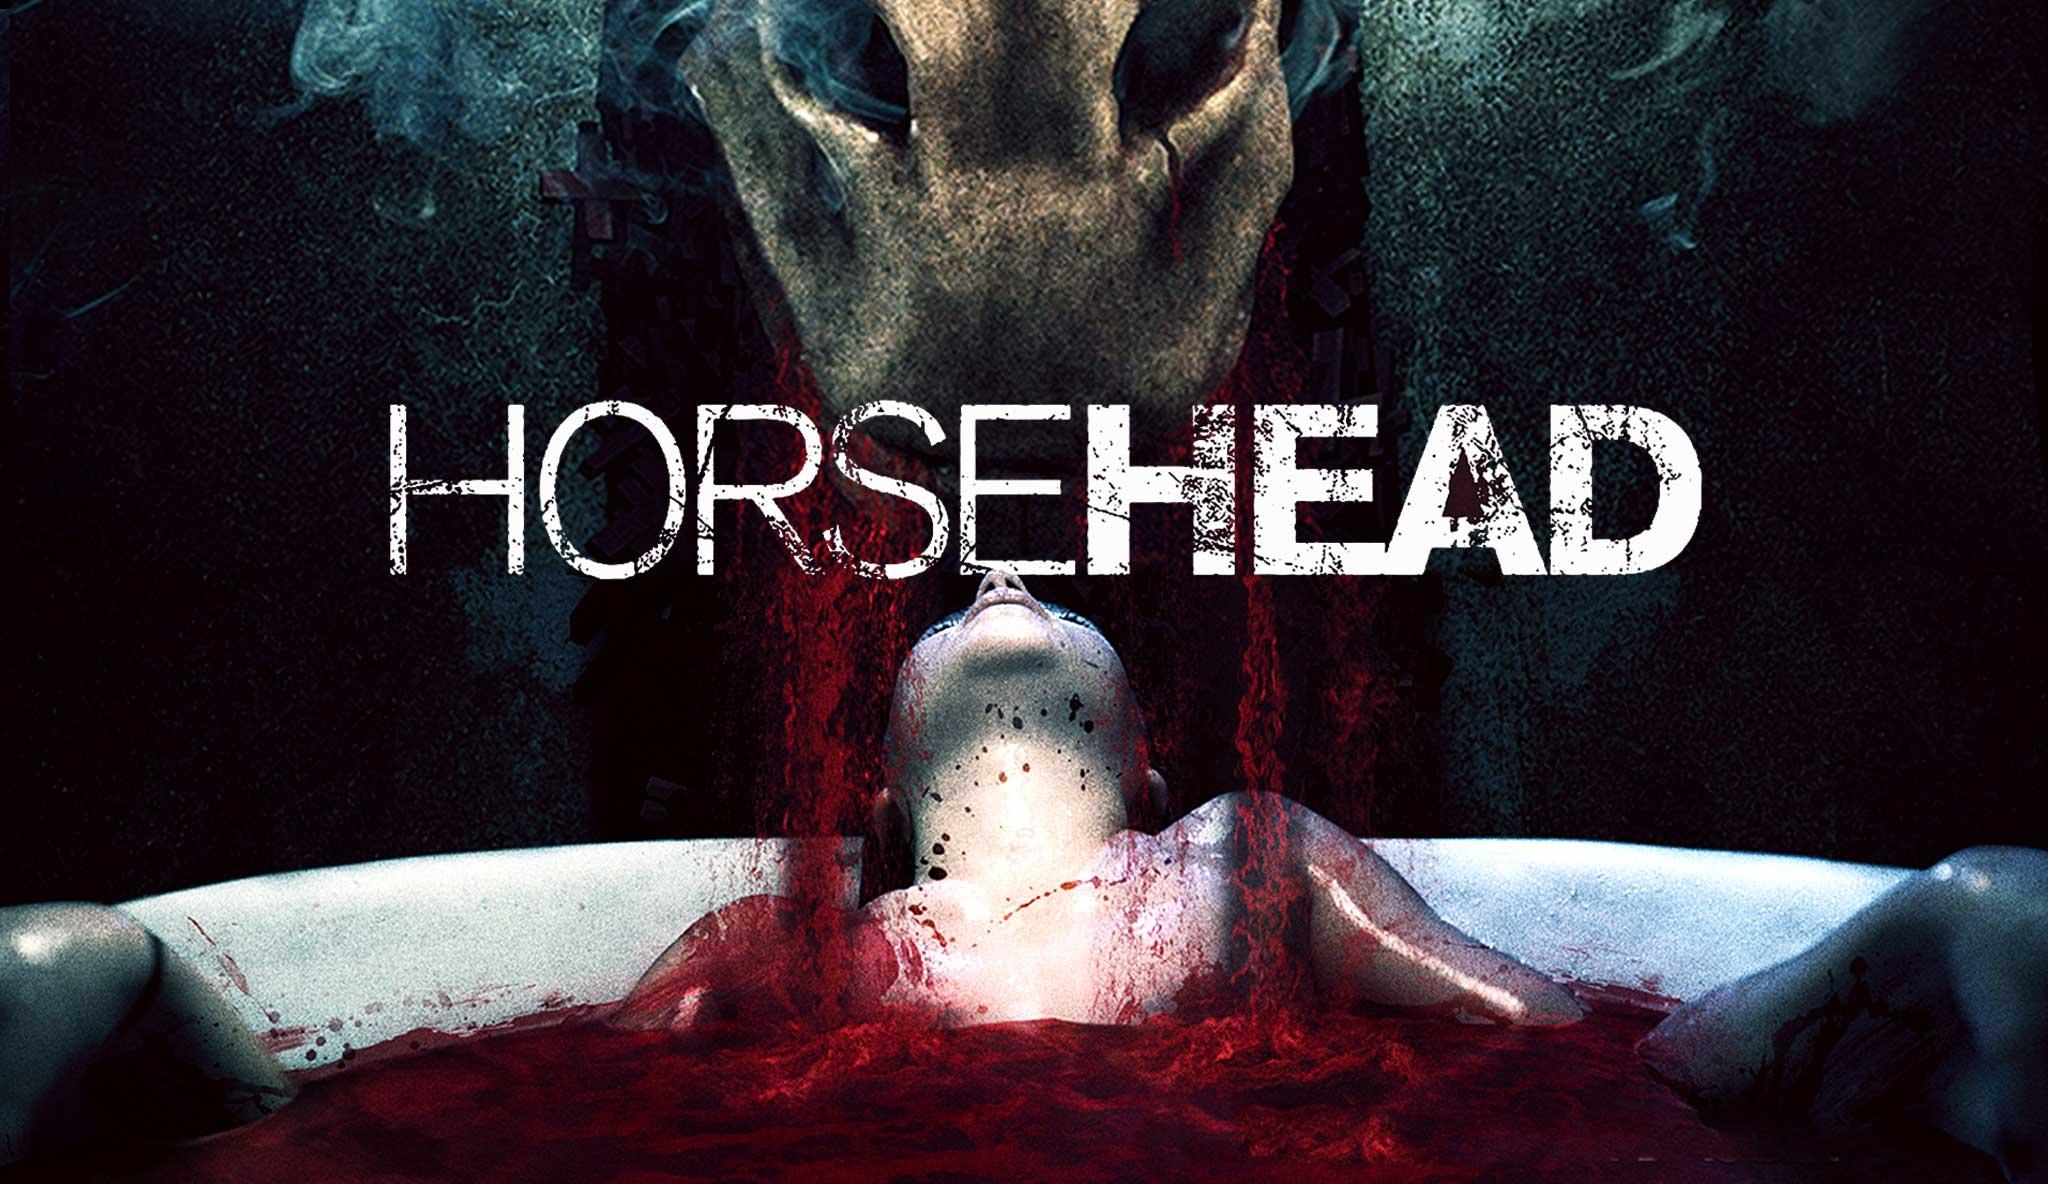 horsehead-wach-auf-wenn-du-kannst-hd\header.jpg